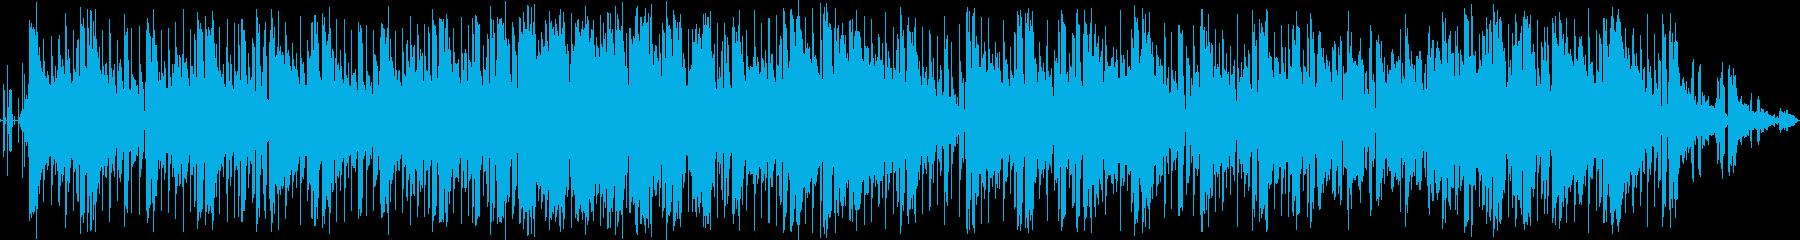 洗練されたパズルゲーム_ステージの再生済みの波形